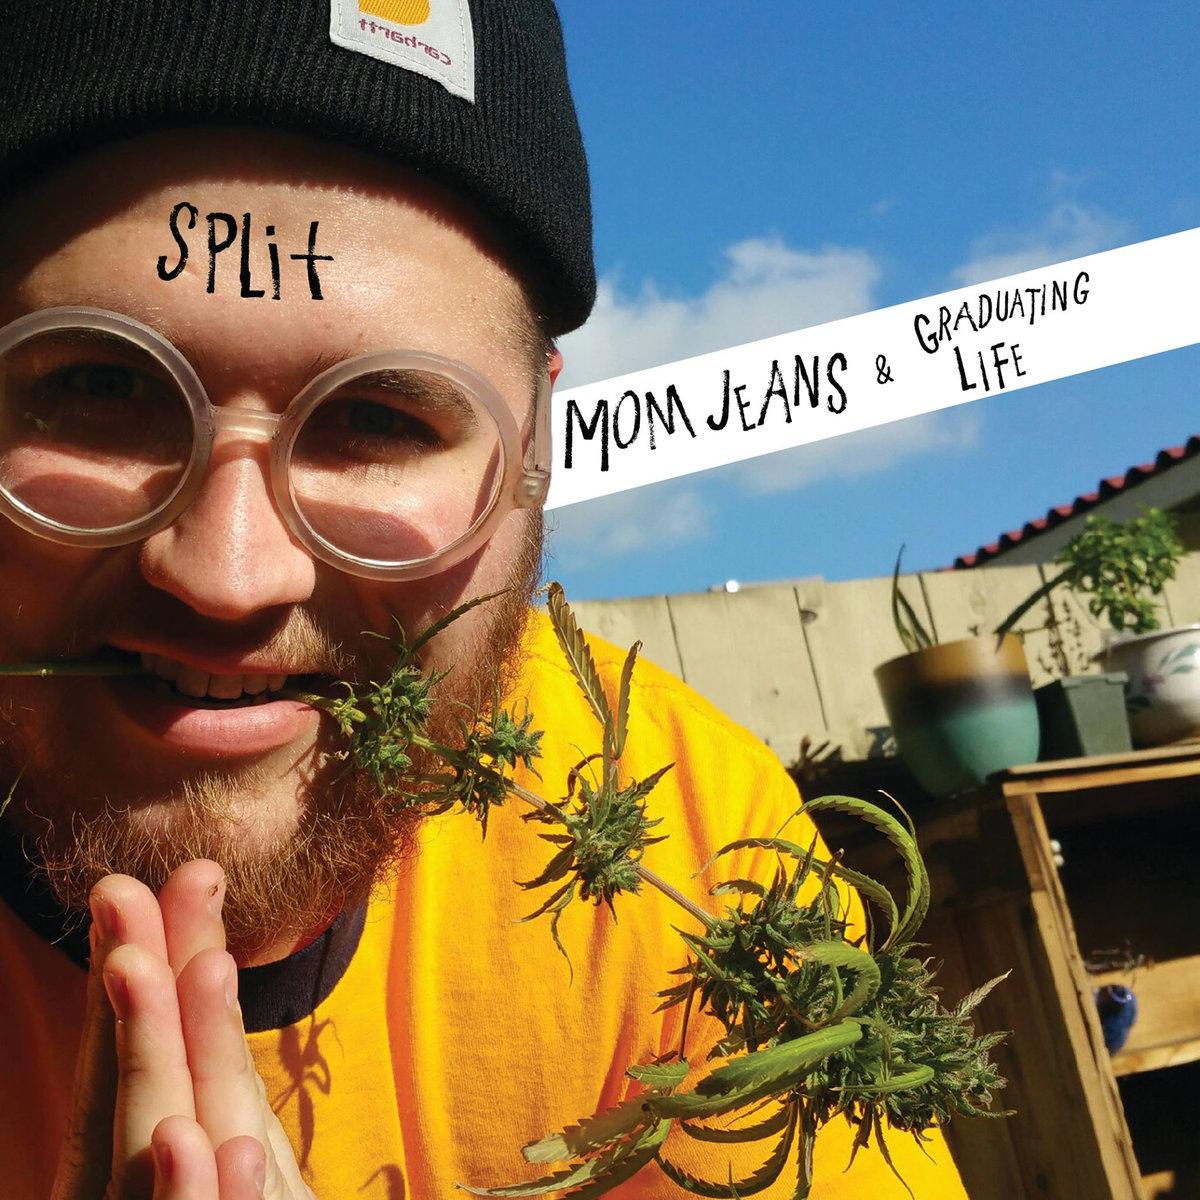 Mom Jeans / Grad Life - Split 7